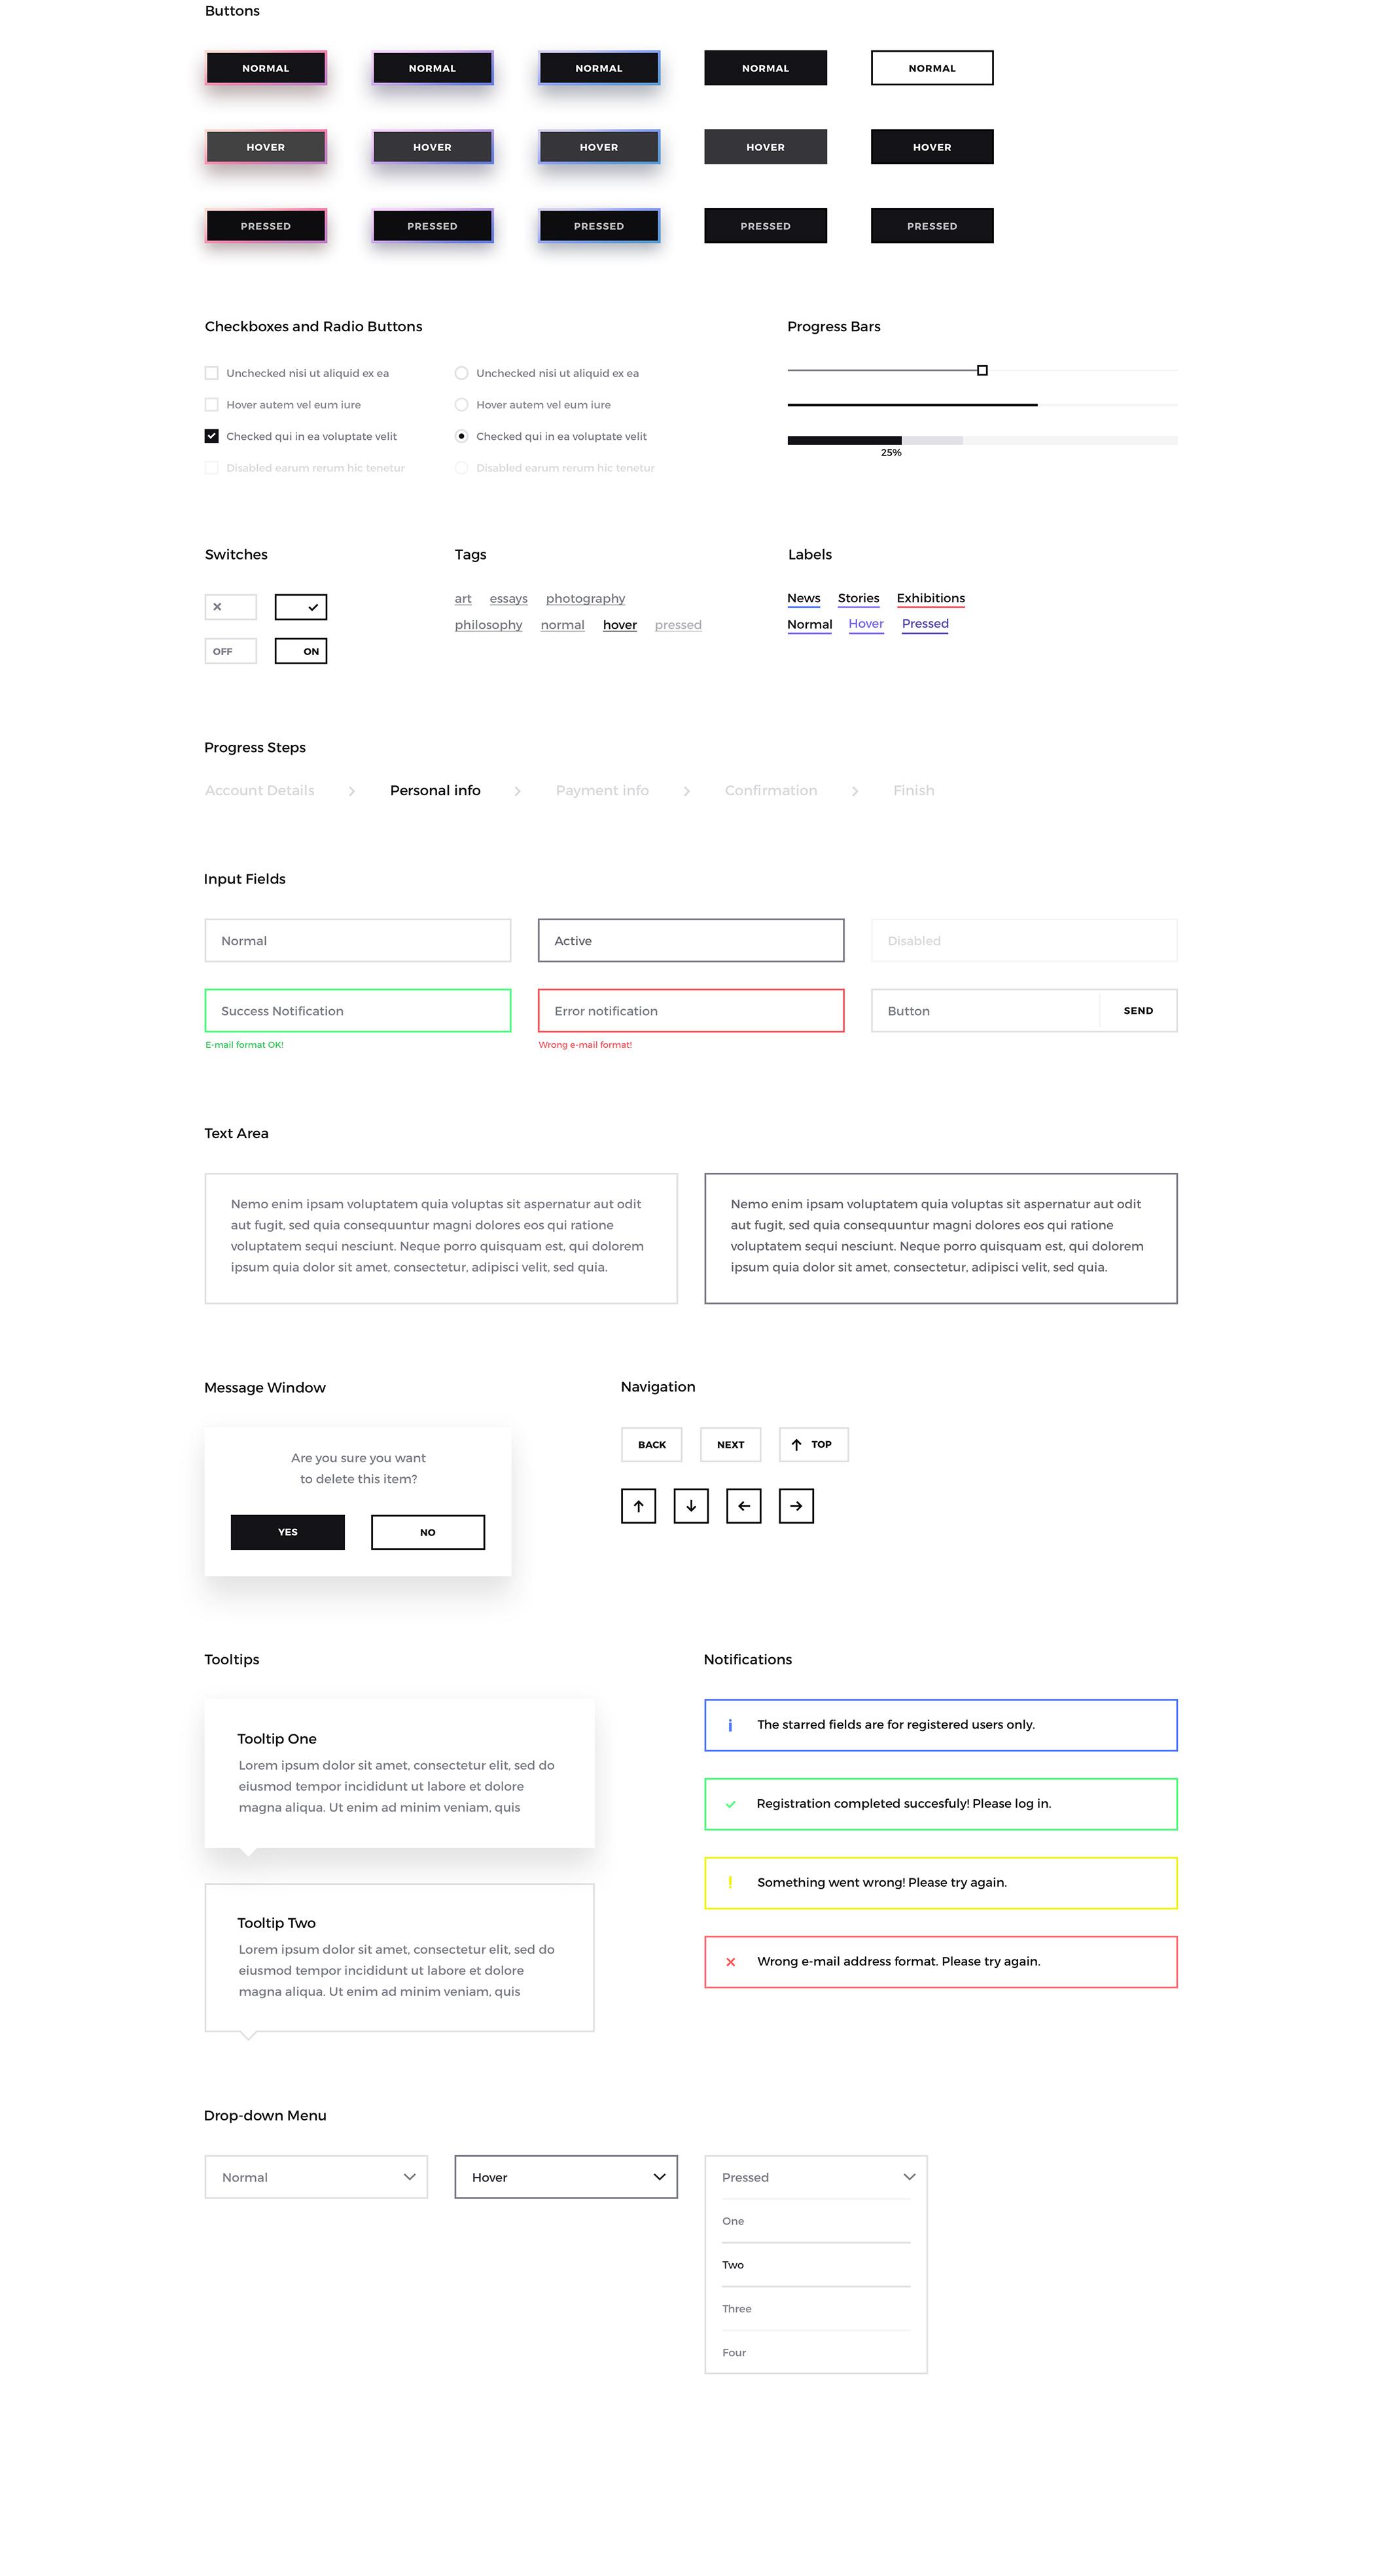 非常艺术的网站Forma UI Kit主题包.ps素材下载 VIP素材-第3张